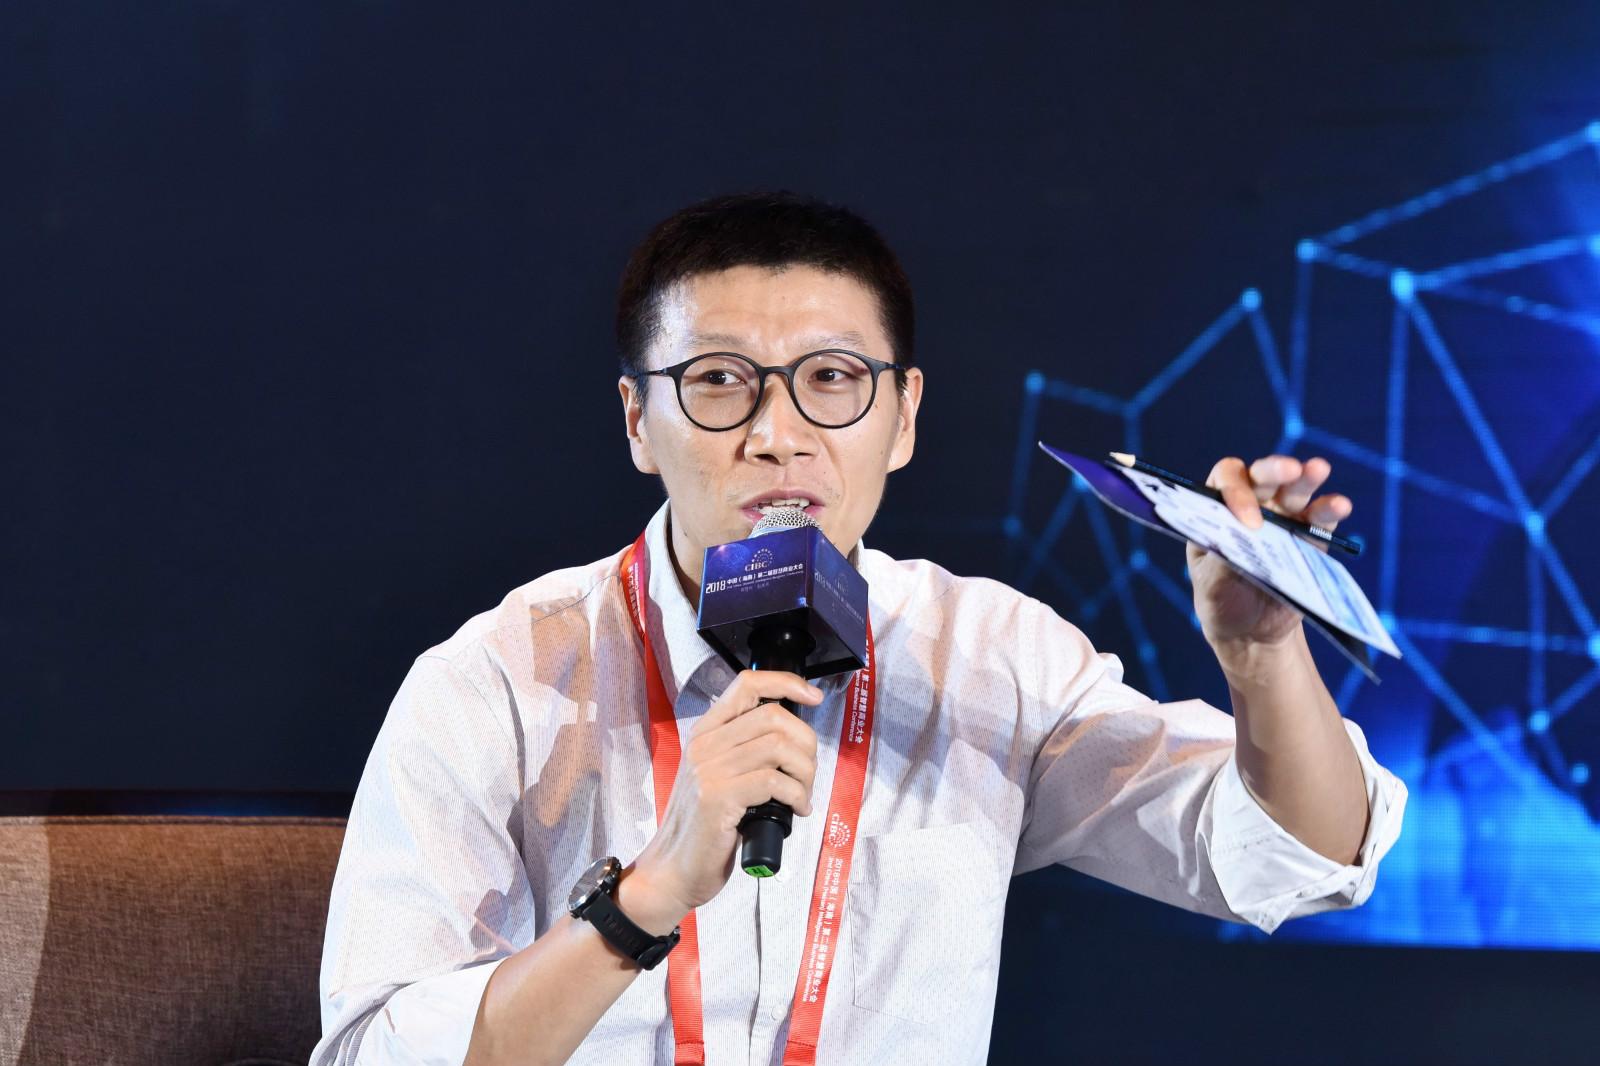 豆果美食创始人王宇翔:数据智能 探索新商业